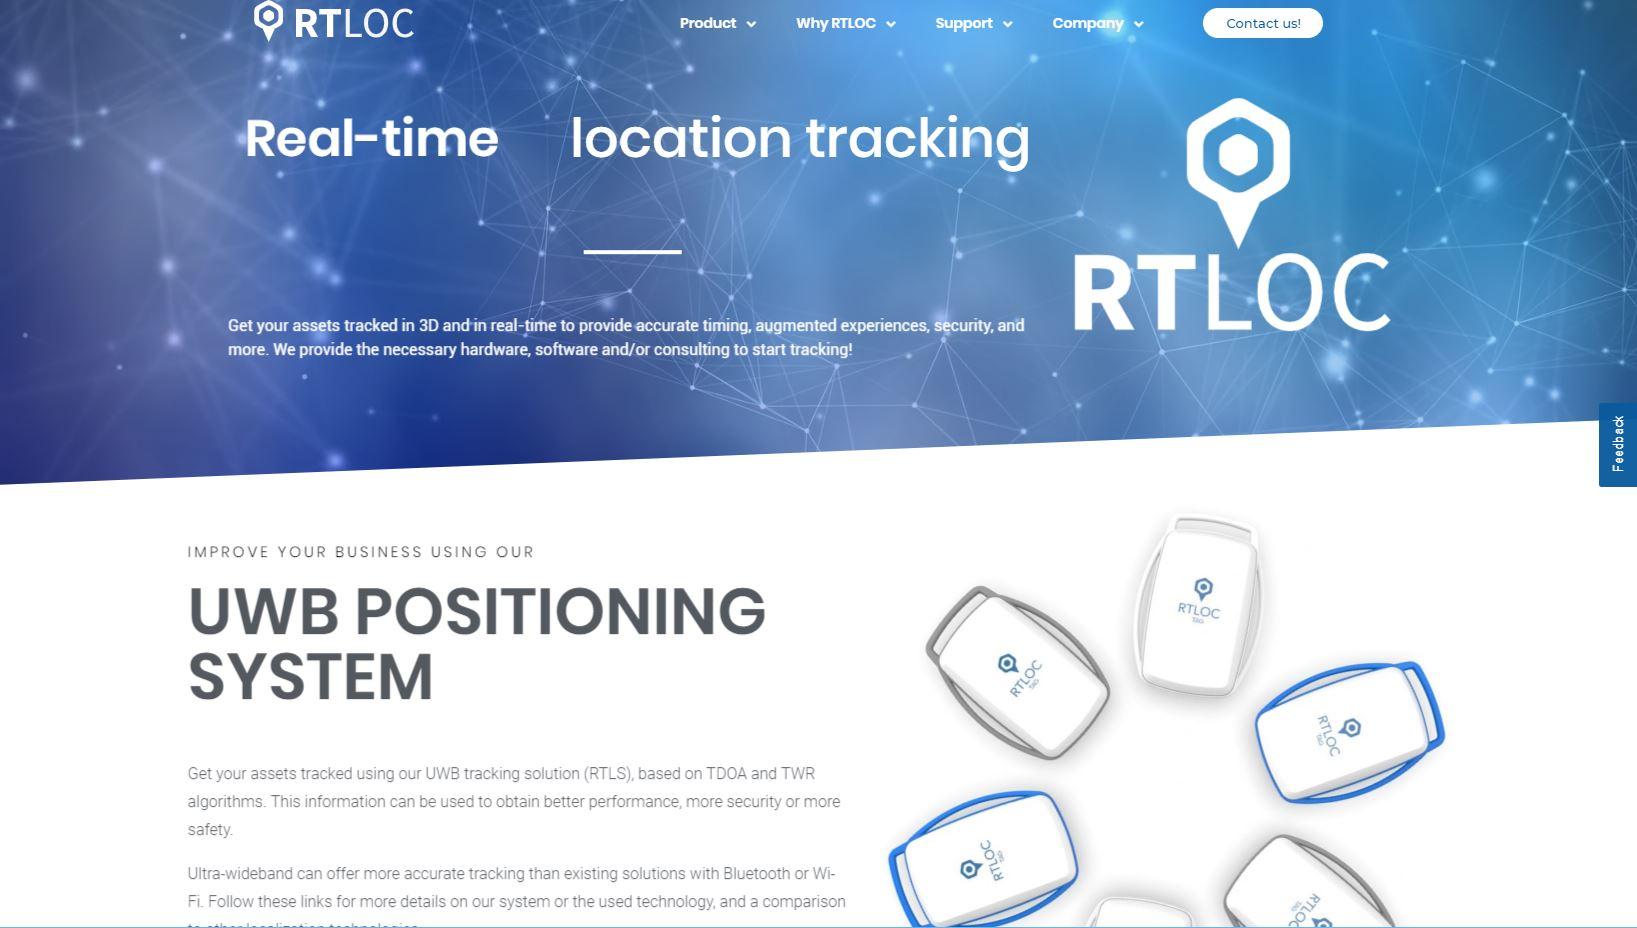 RTLOC